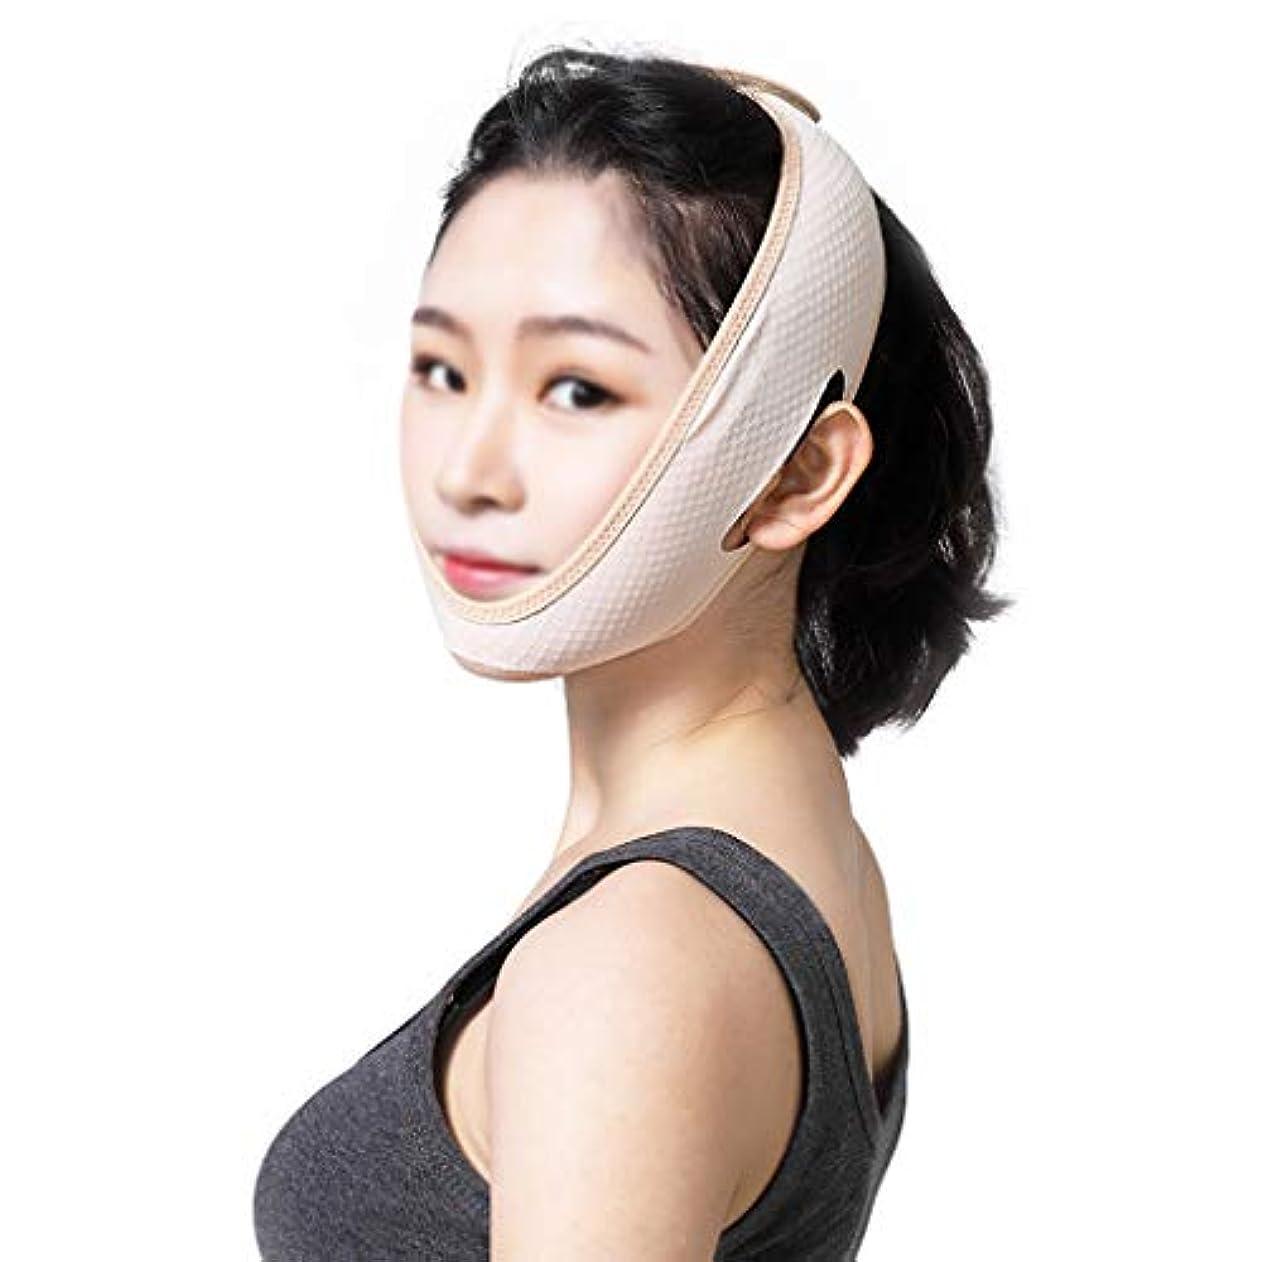 さわやかヘアランデブーフェイスリフトマスク医療美容ライン彫刻術後回復マスクvフェイスリフティングタイトヘッドギアあごあご包帯薄い顔楽器アーティファクト